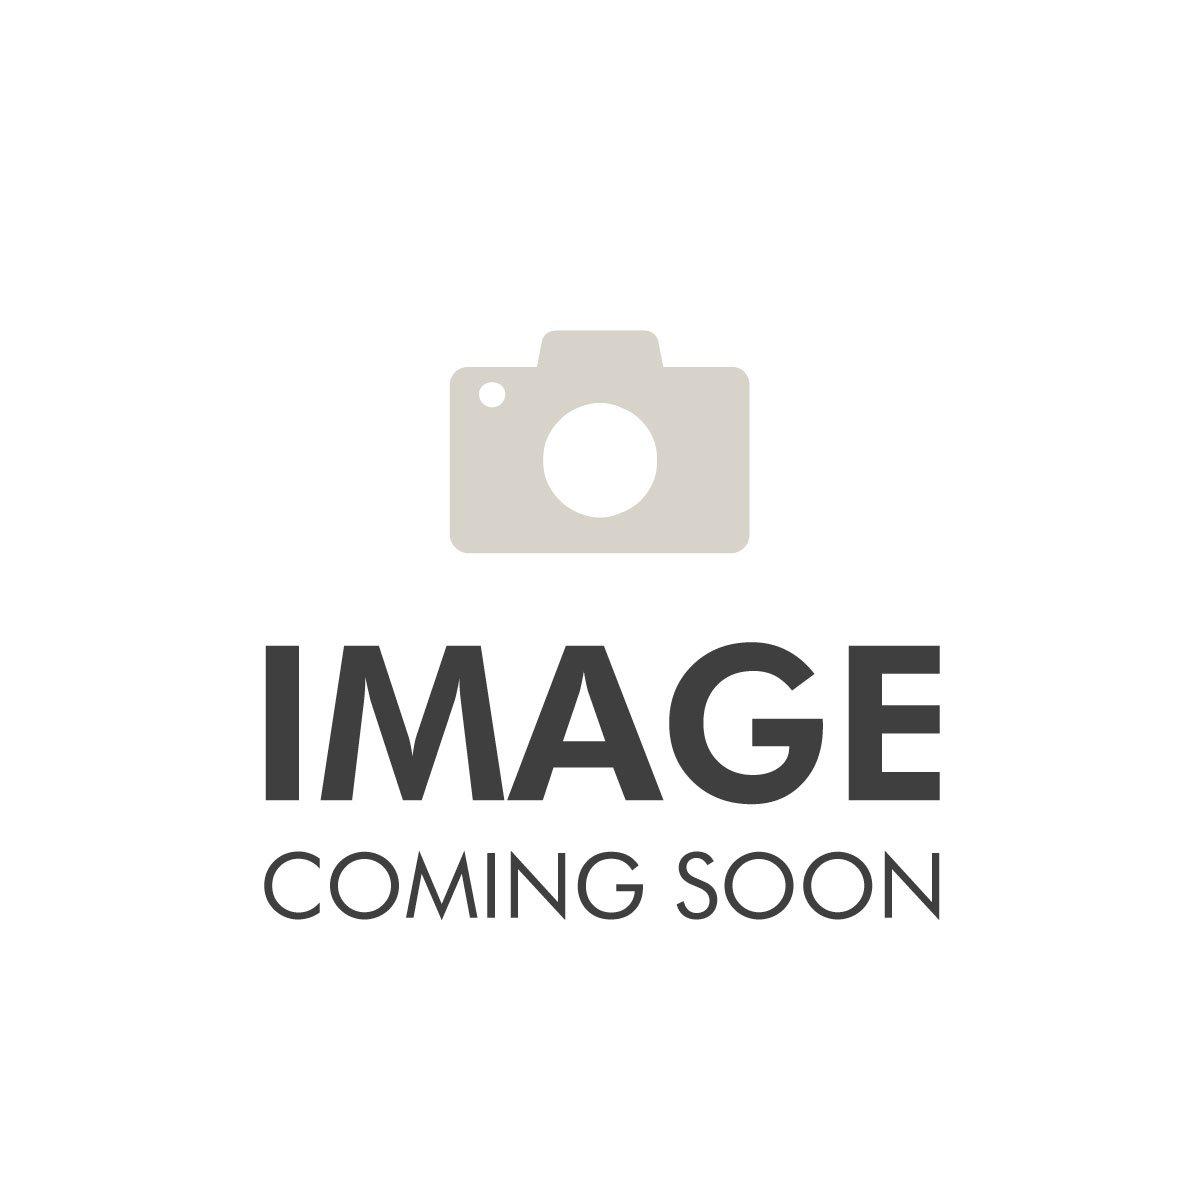 Absolute - Veste métallique de sabre - Femme - Standard